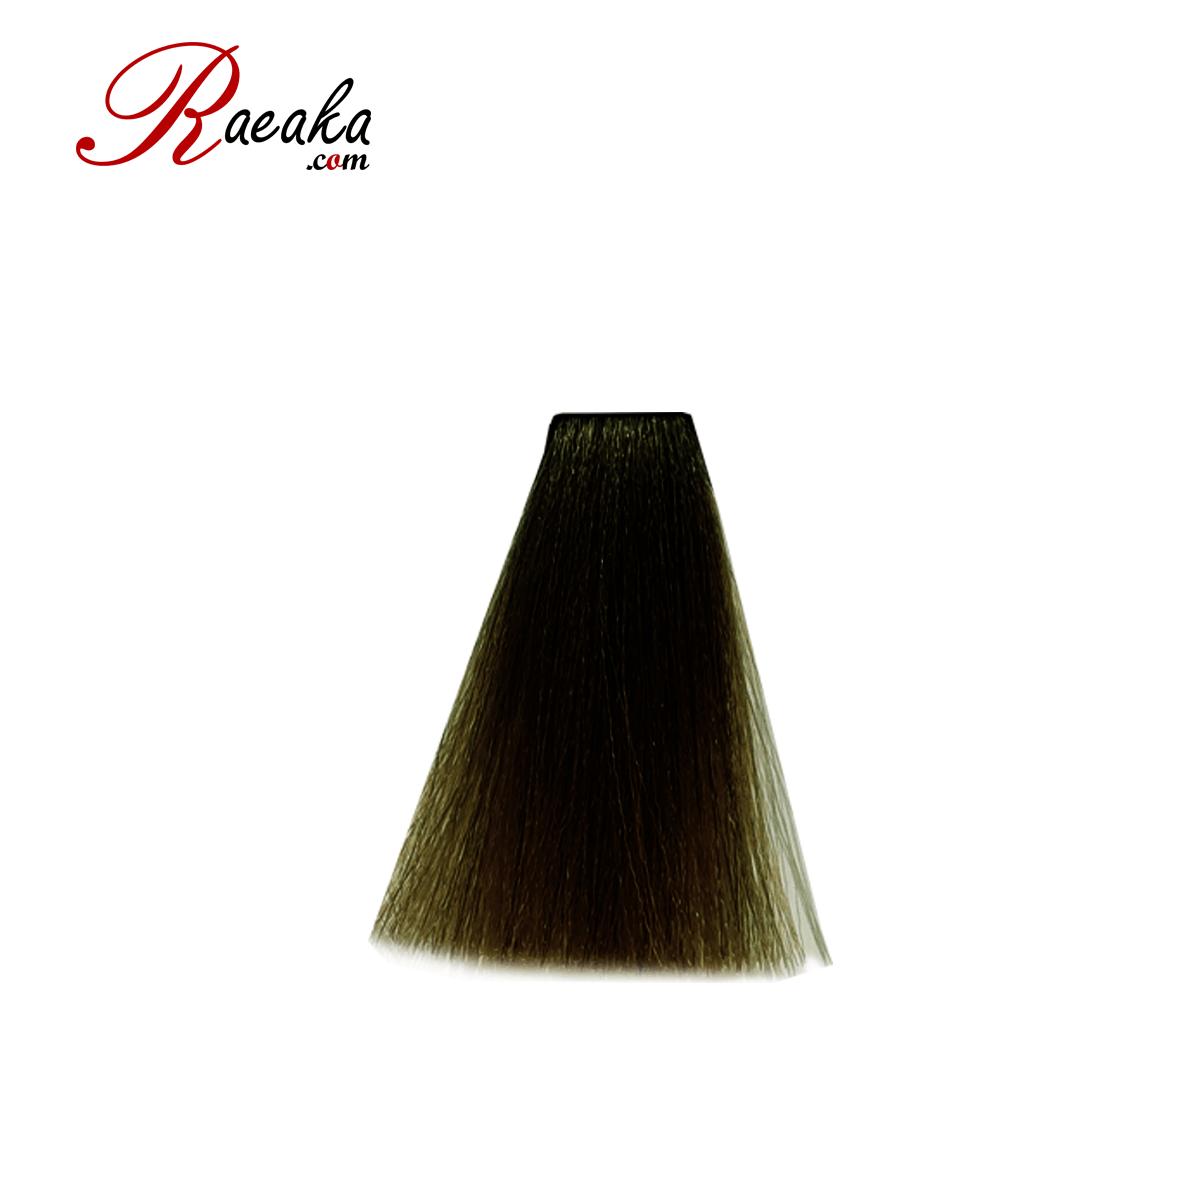 رنگ مو دوماسی سری زیتونی قهوه ای زیتونی روشن ۵٫۸ حجم ۱۲۰ میلی لیتر